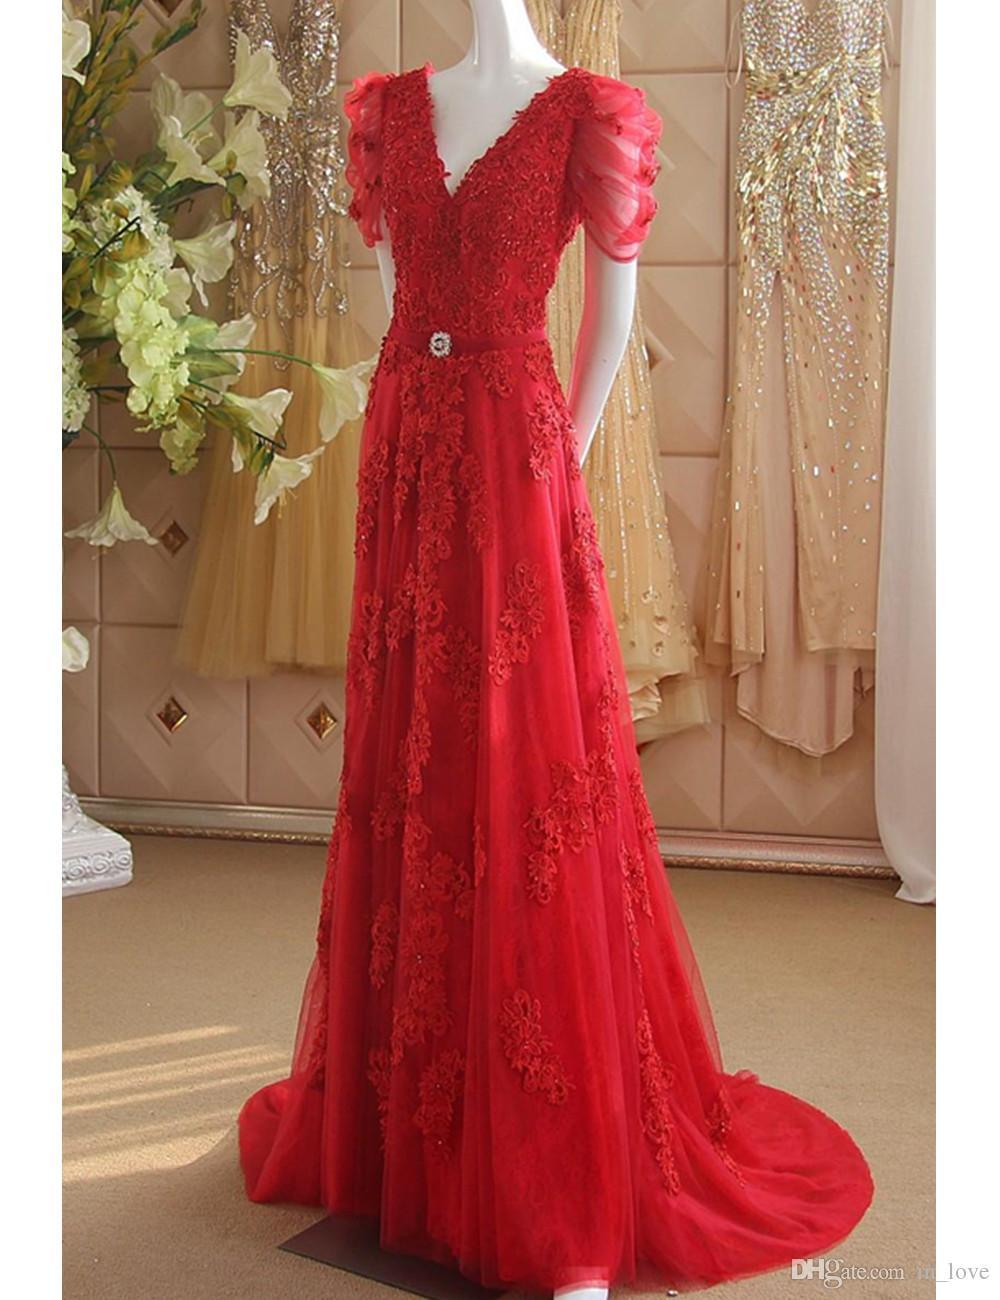 Großhandel Rote Lange Abendkleider Kurzarm Rückenfrei V Ausschnitt Perlen  Applikationen Spitze Tüll Bodenlangen Roter Teppich Formale Kleider